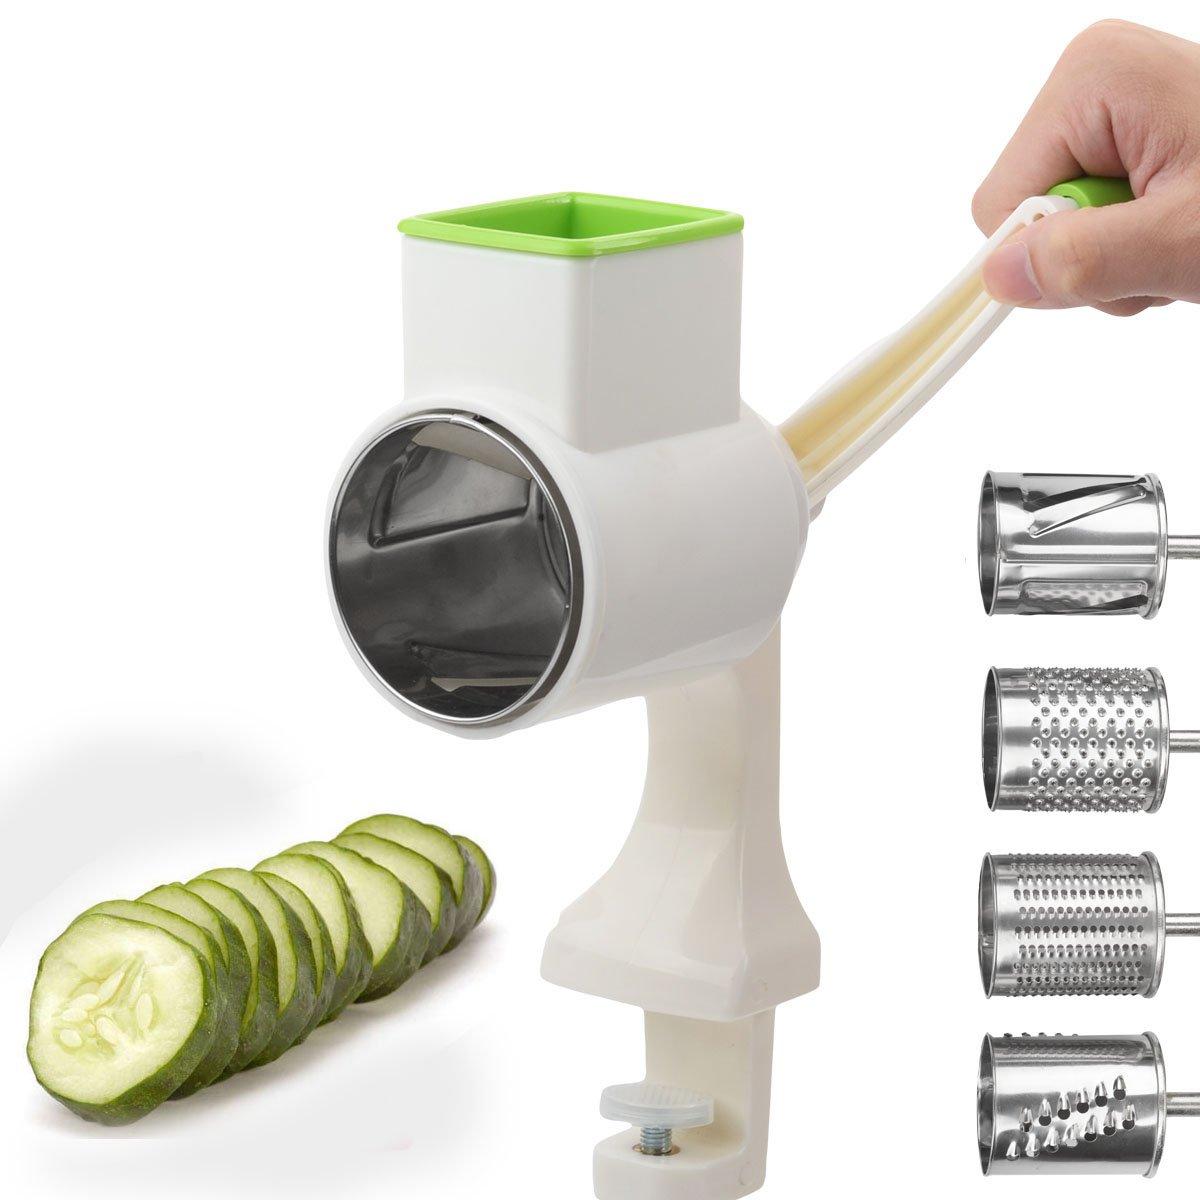 ouborui 4 en 1 –  Cortador de verduras en espiral con abrazadera de mesa picadora manual para cortar verduras alimentos